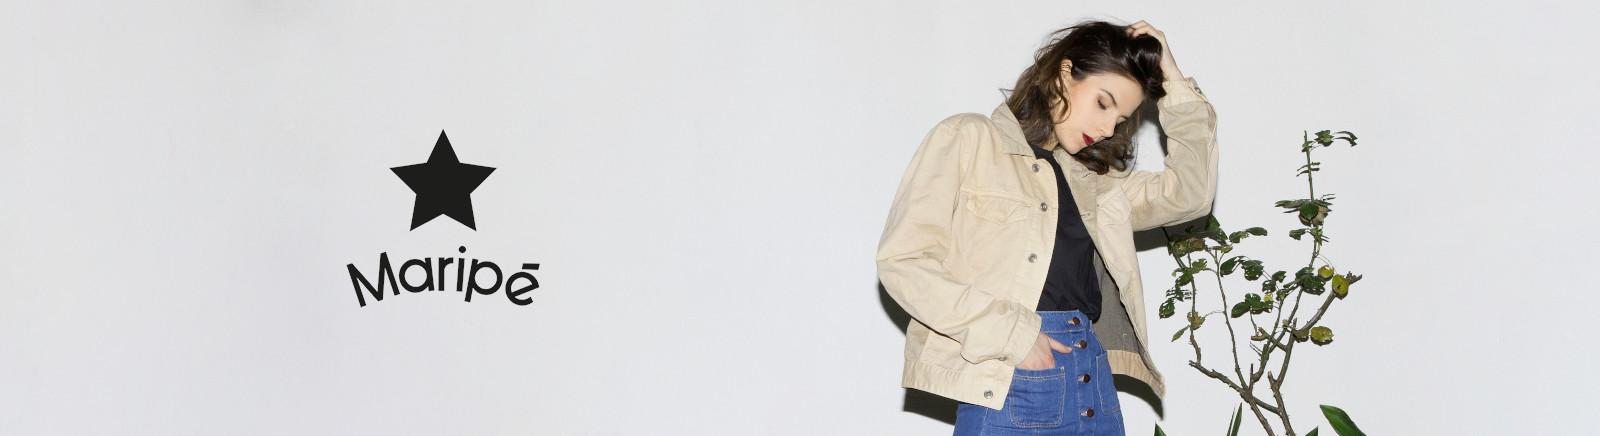 Maripé Damenschuhe online bestellen im Prange Schuhe Onlineshop!